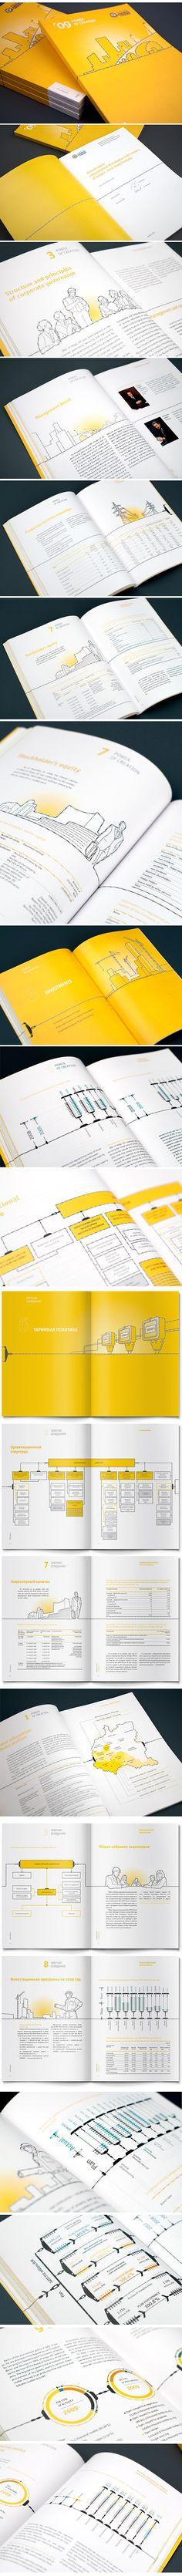 Annual report IDGC of Volga by Andrew Gorkovenko, via Behance